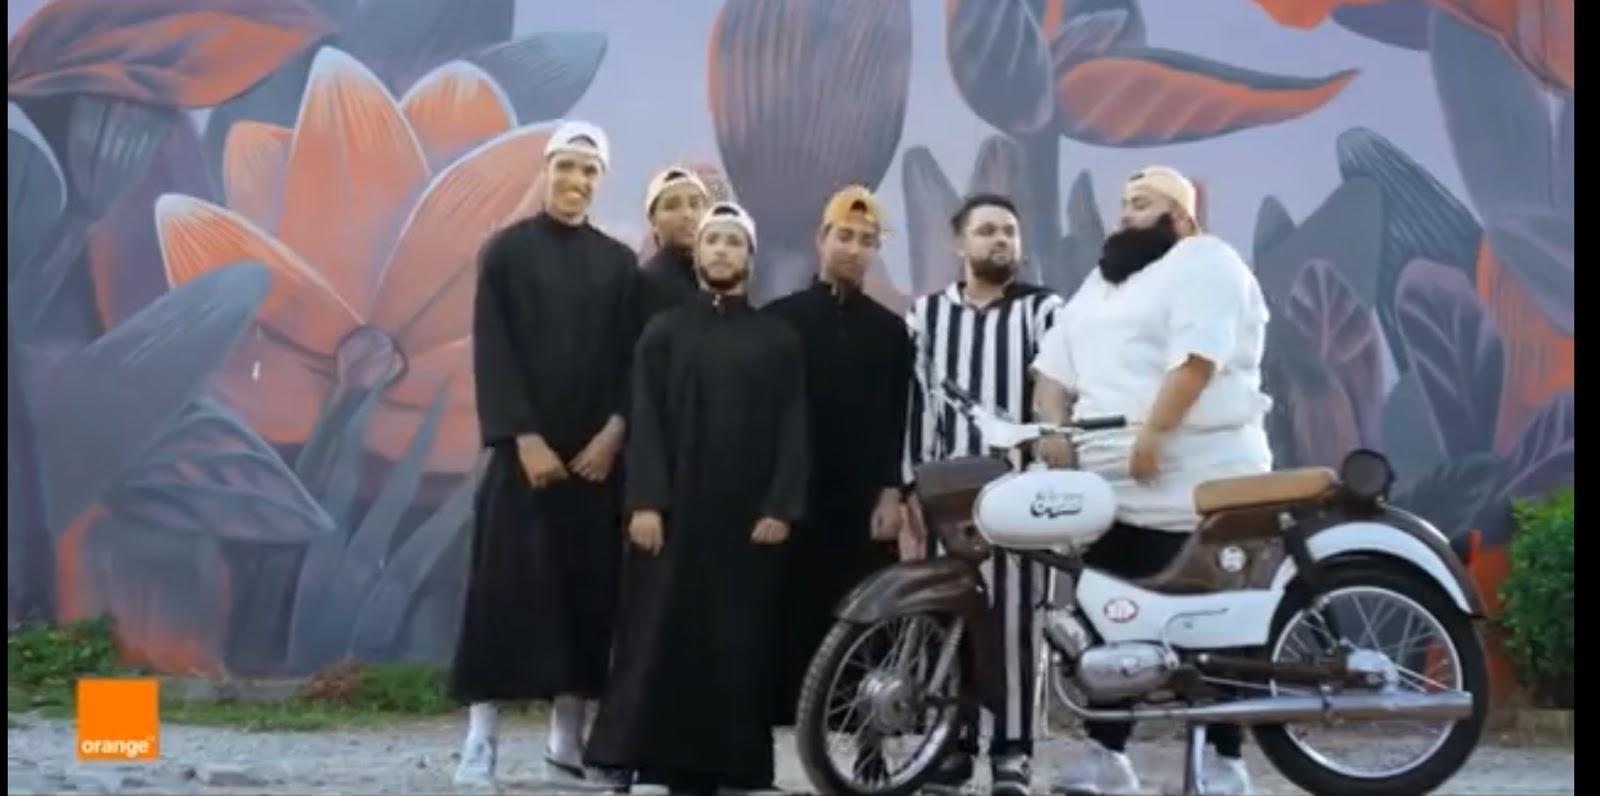 شركة 'أورانج' تُروجُ للتطرف وجِهاتٌ تتدخلُ لحذف 'قندهار' من إعلانٍ رمضاني